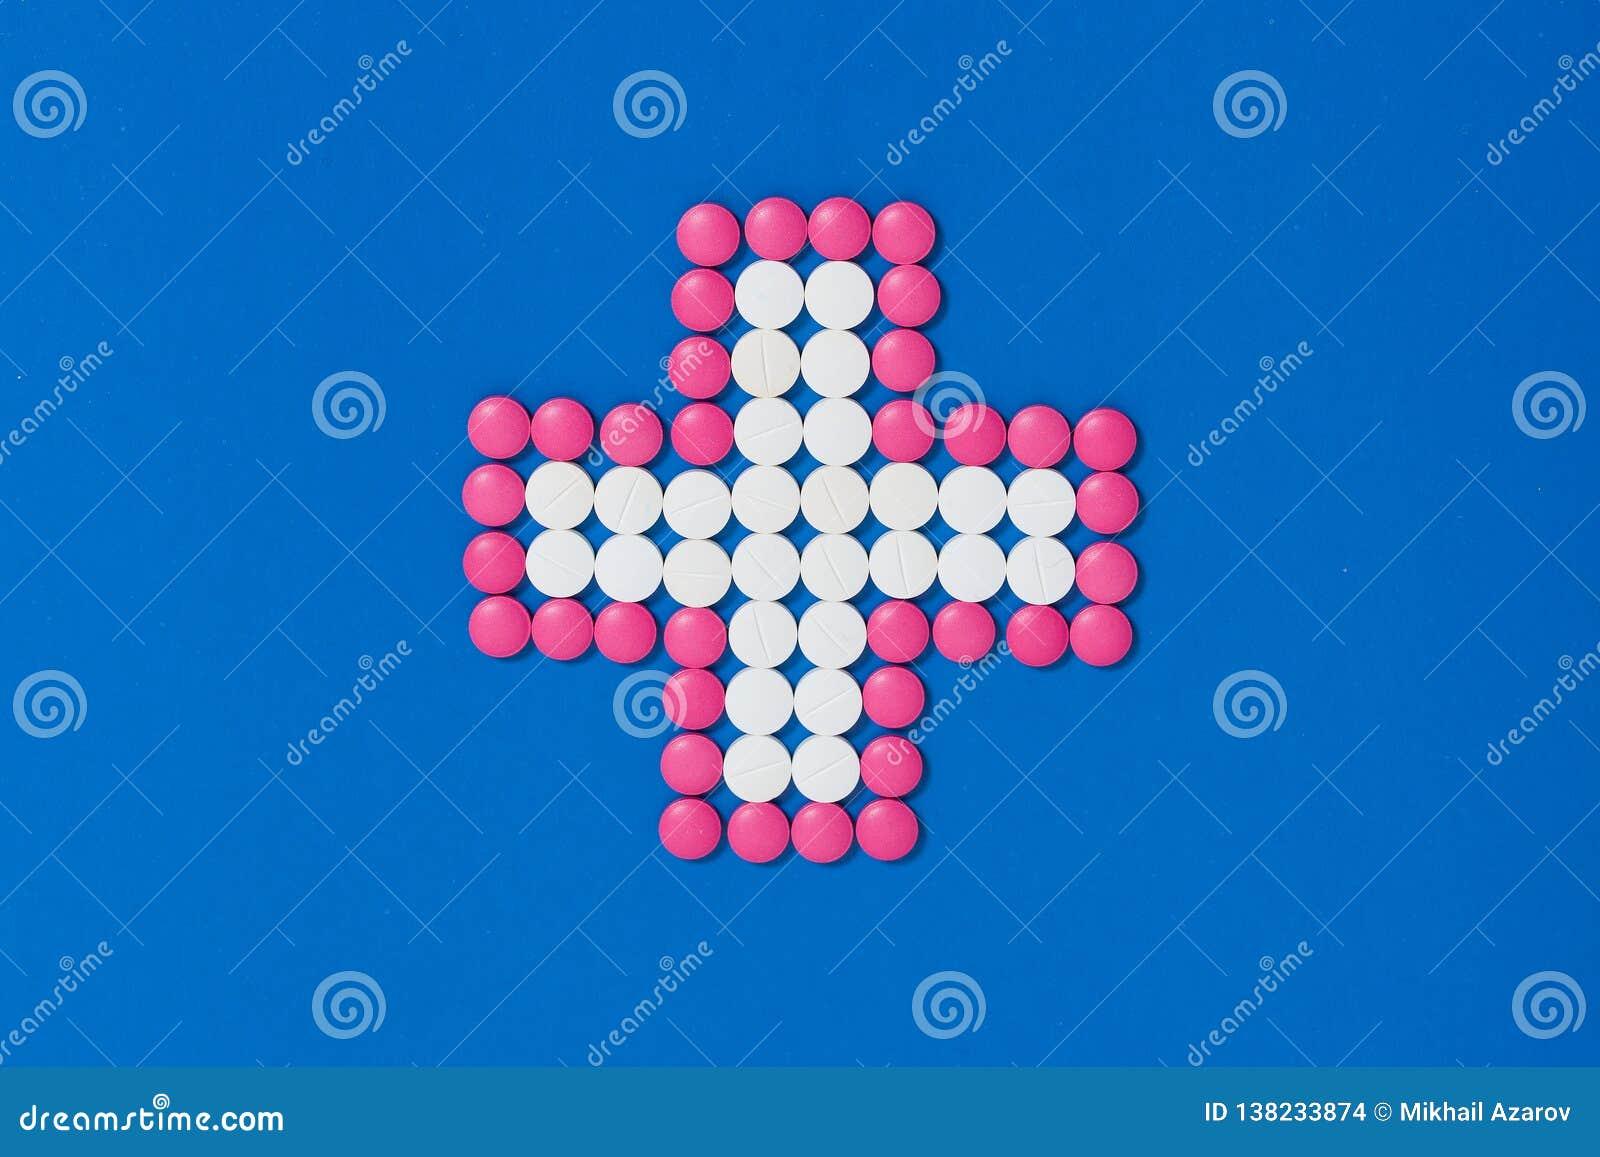 Cruz de las píldoras del rosa y blancas en fondo azul